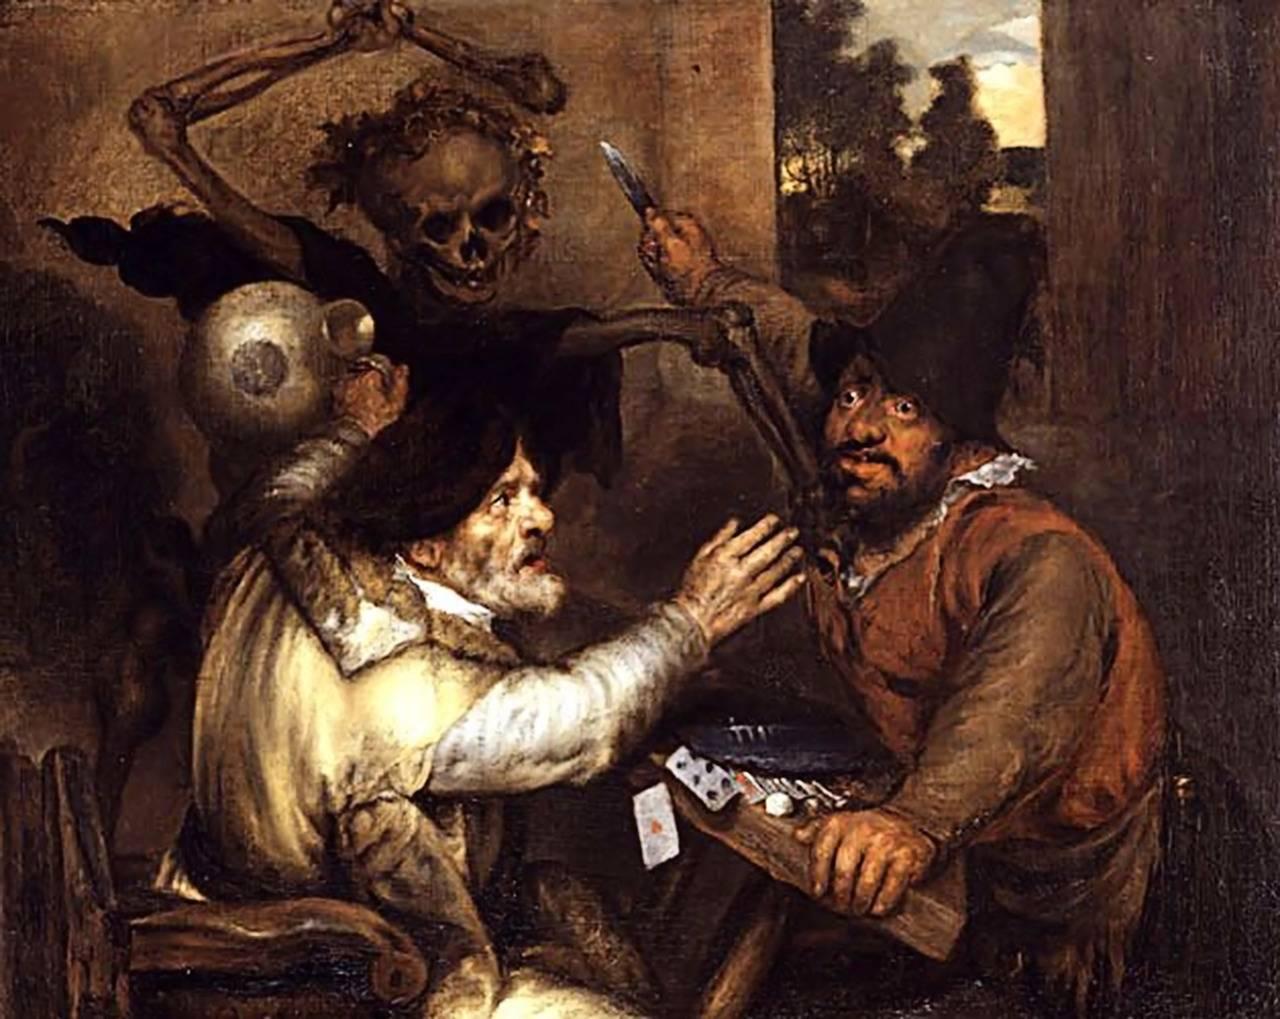 Ян Ливенс. Драка картежников и Смерть. 1638